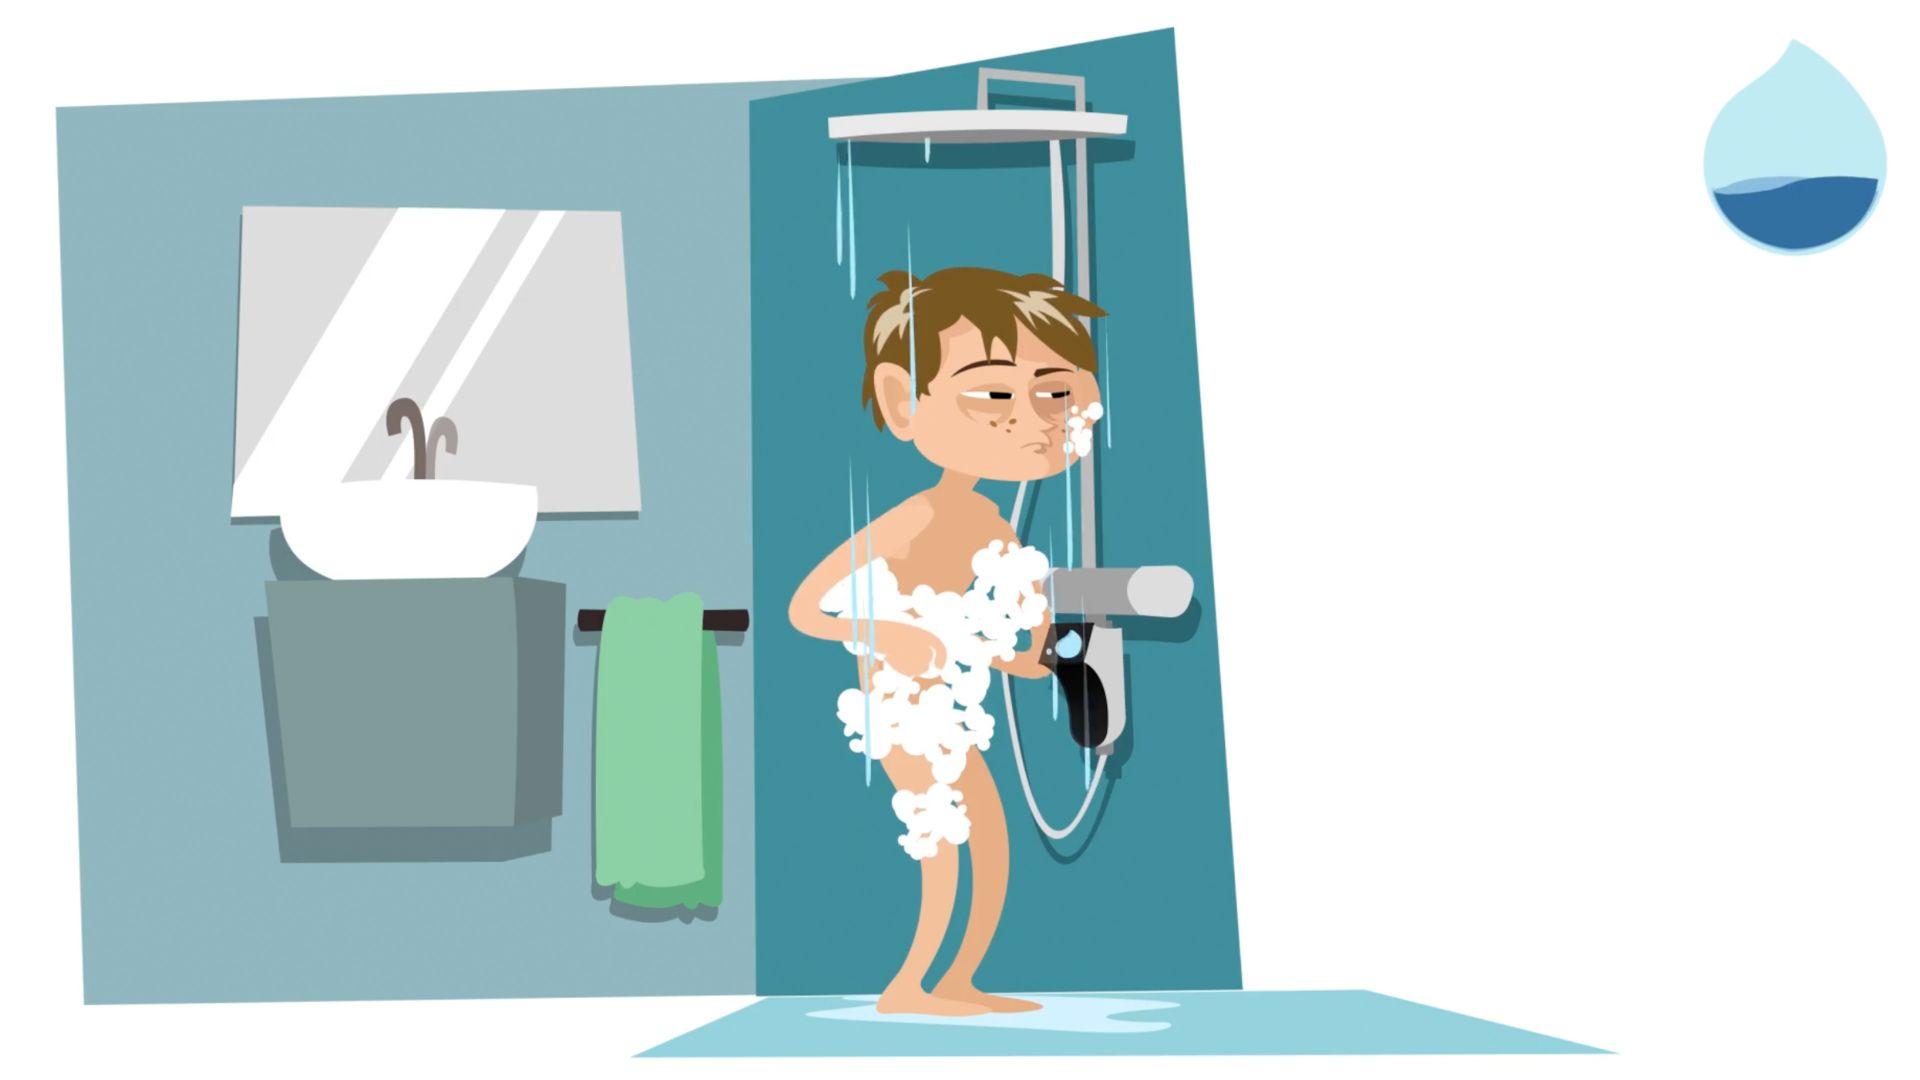 réalisation Commande de douche connectée - Eddo Drop